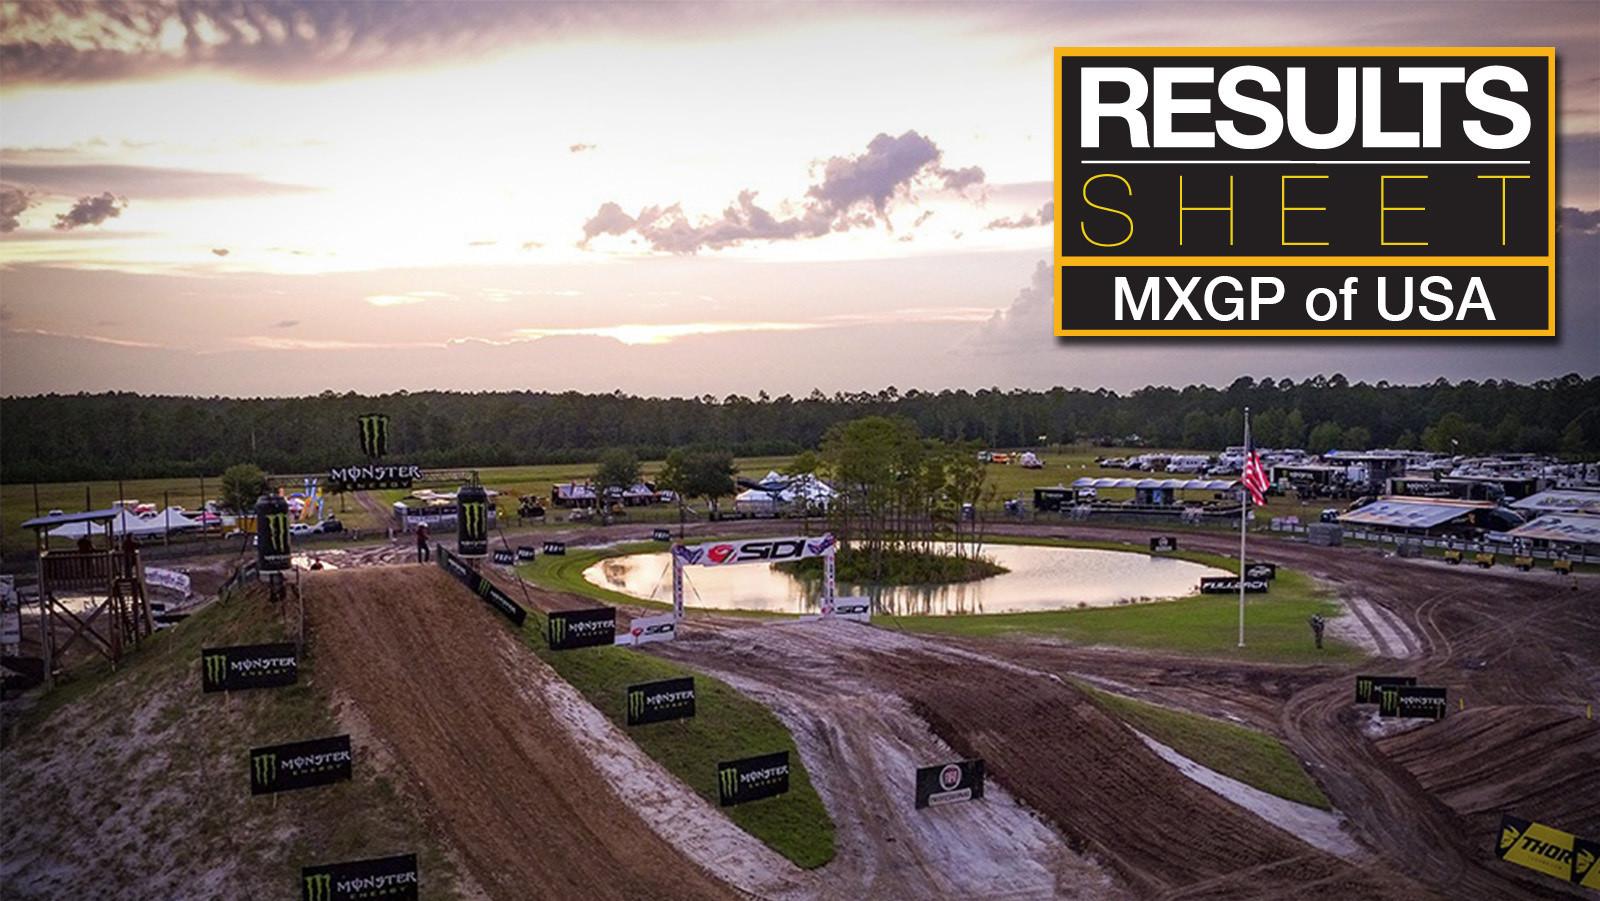 Results Sheet: 2017 MXGP of USA - Saturday